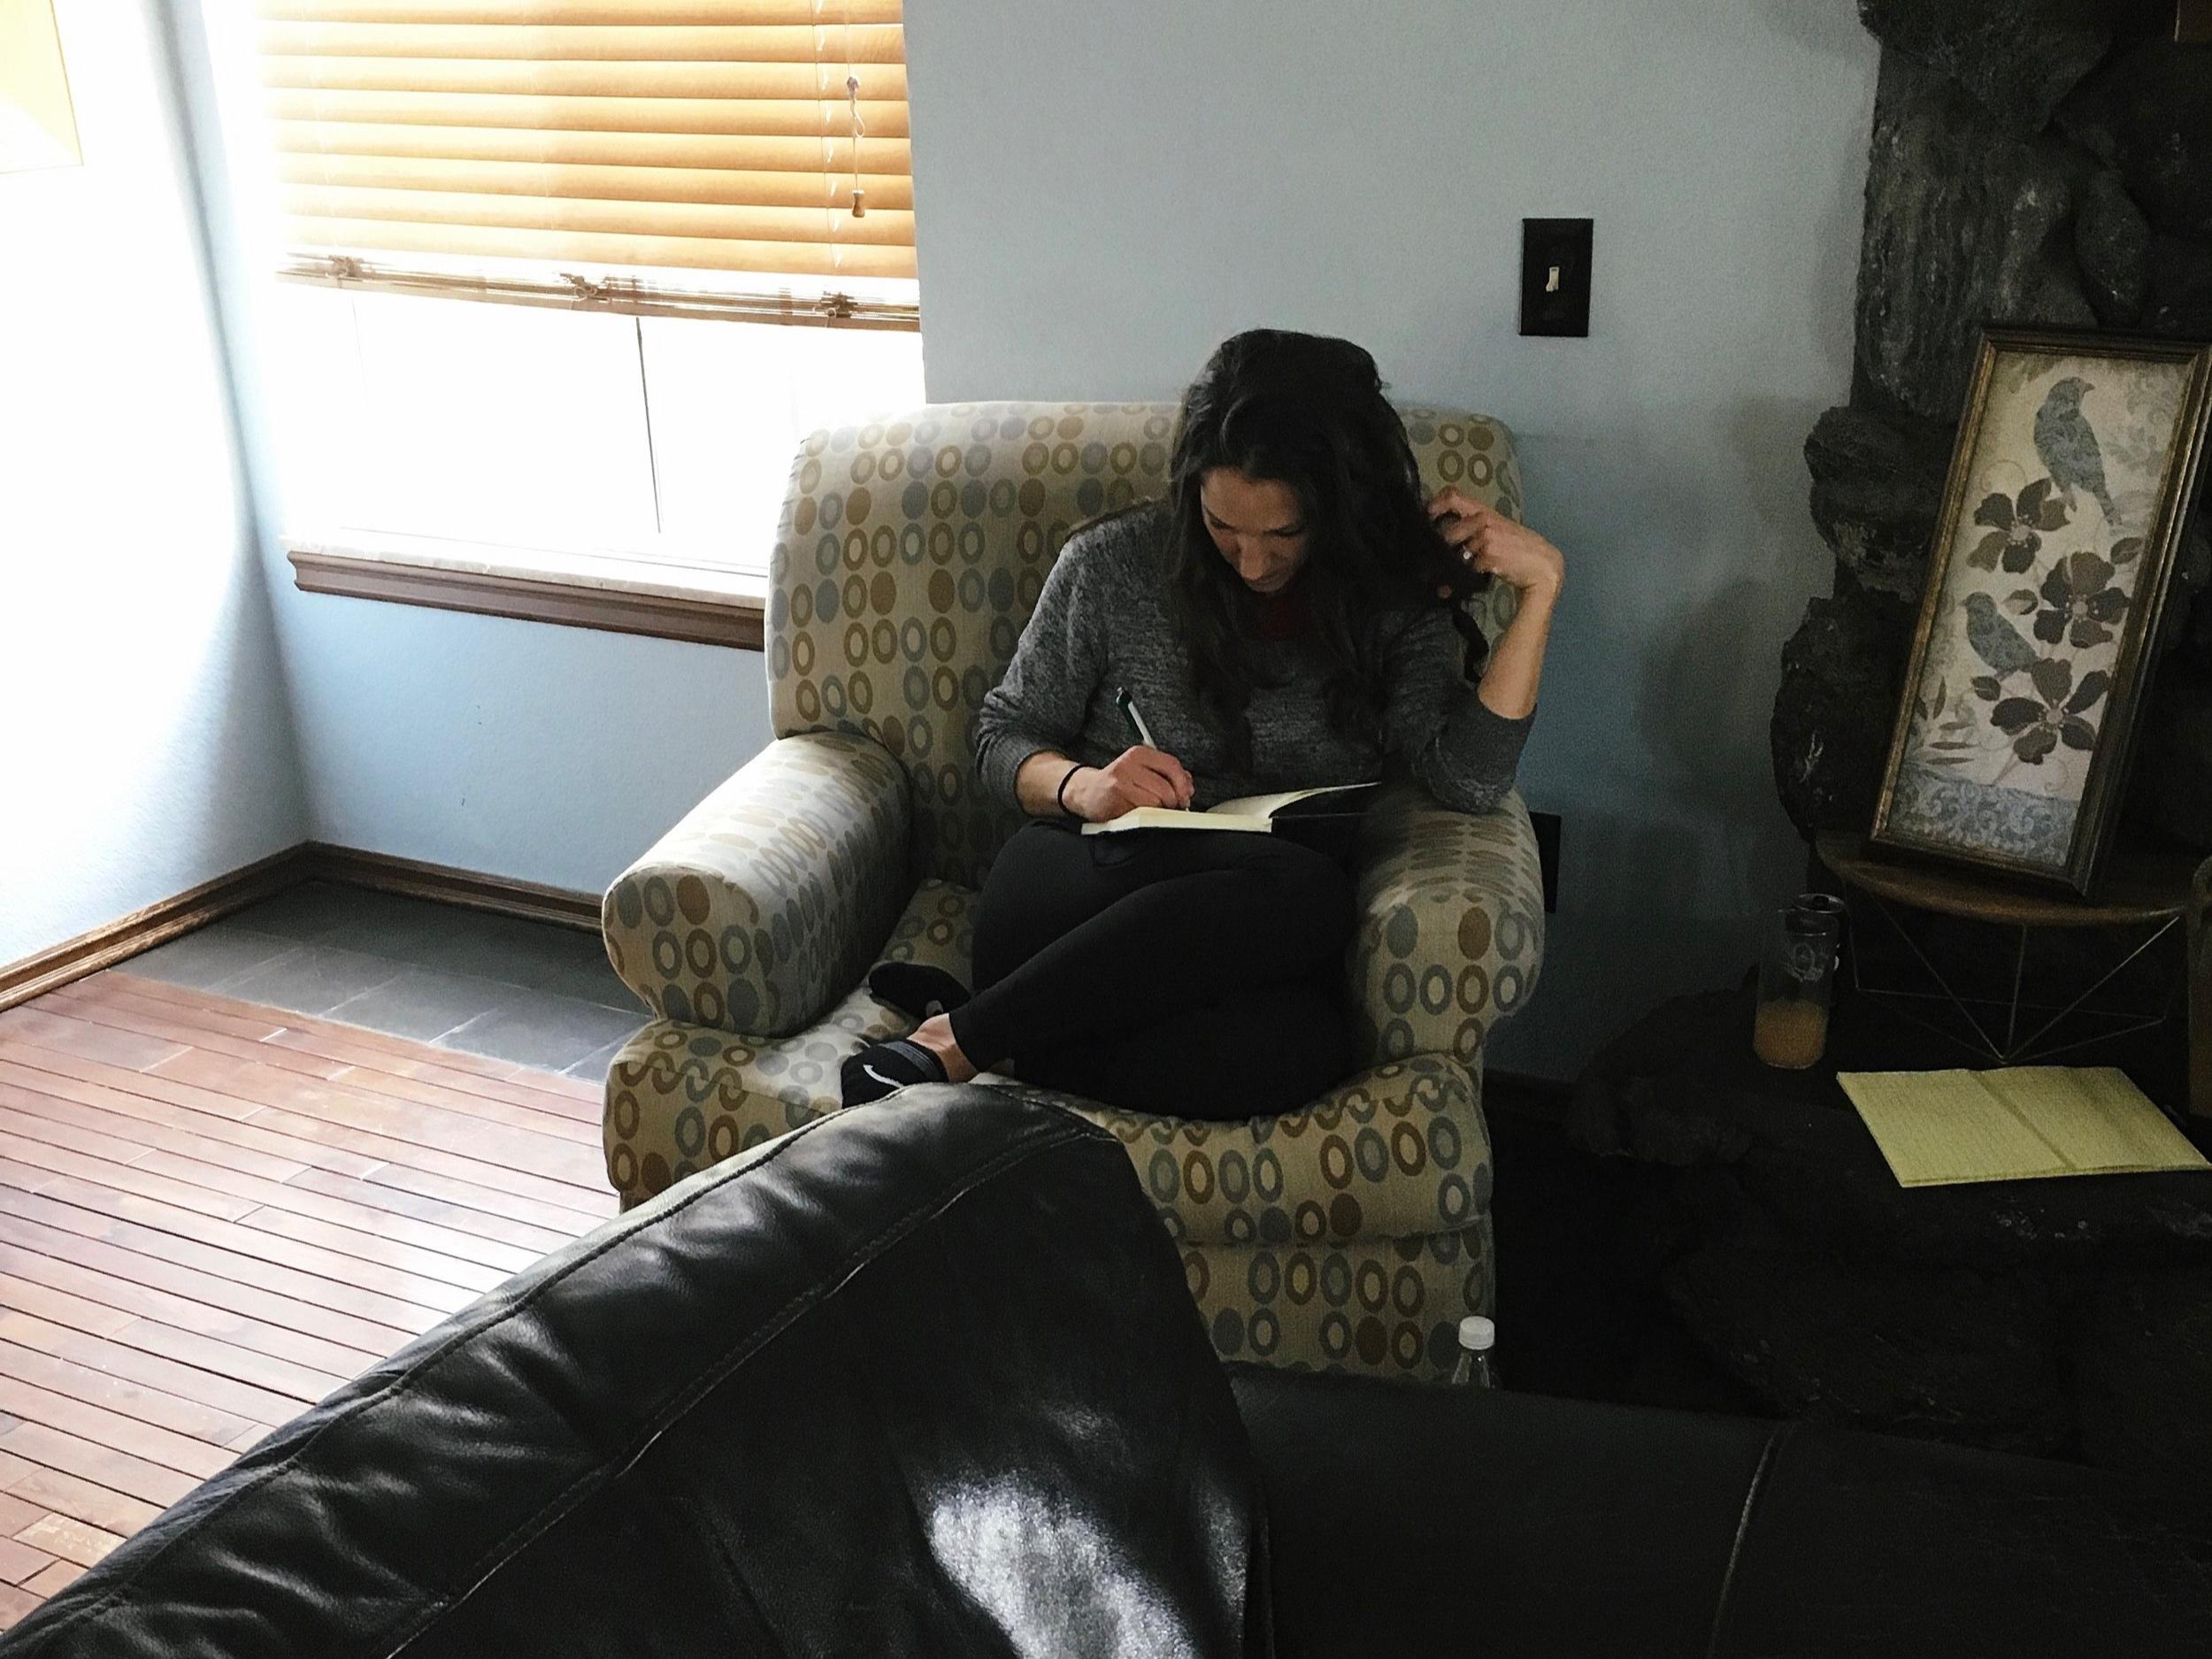 Karen gets settled for some scene writing.